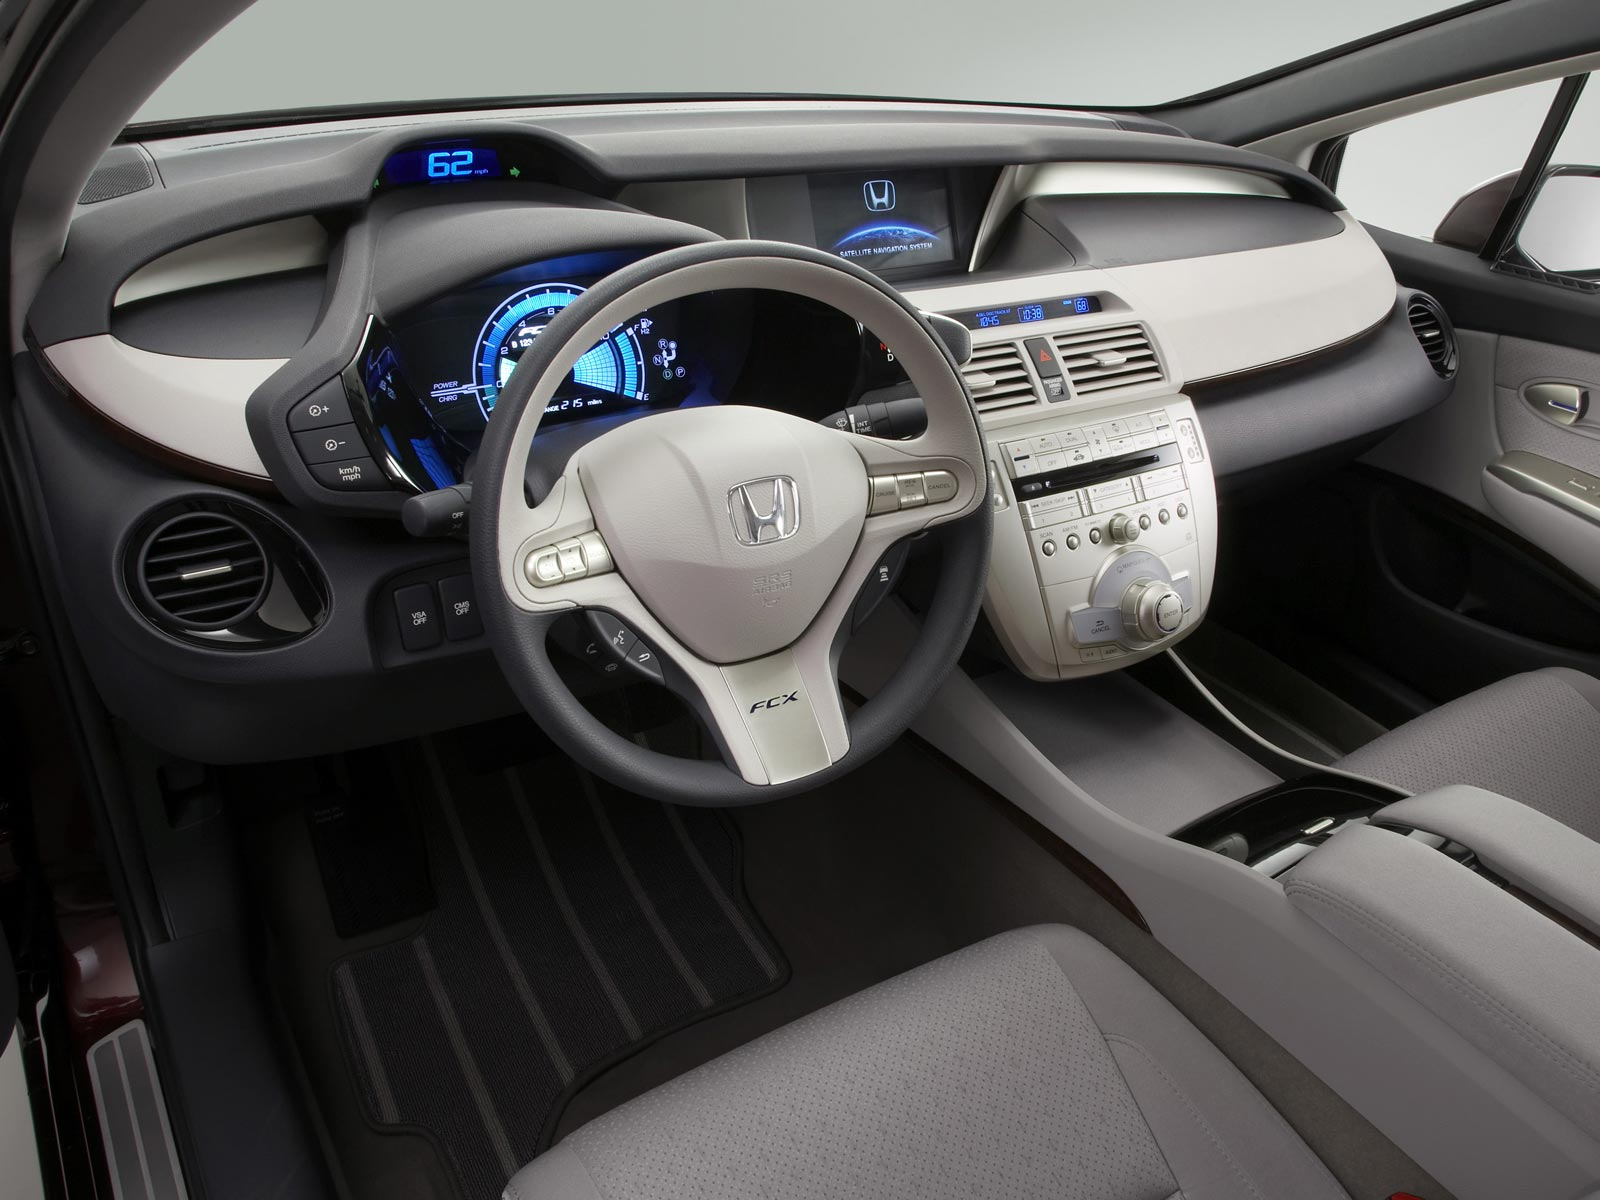 2008 Honda FCX Clarity (c) Honda